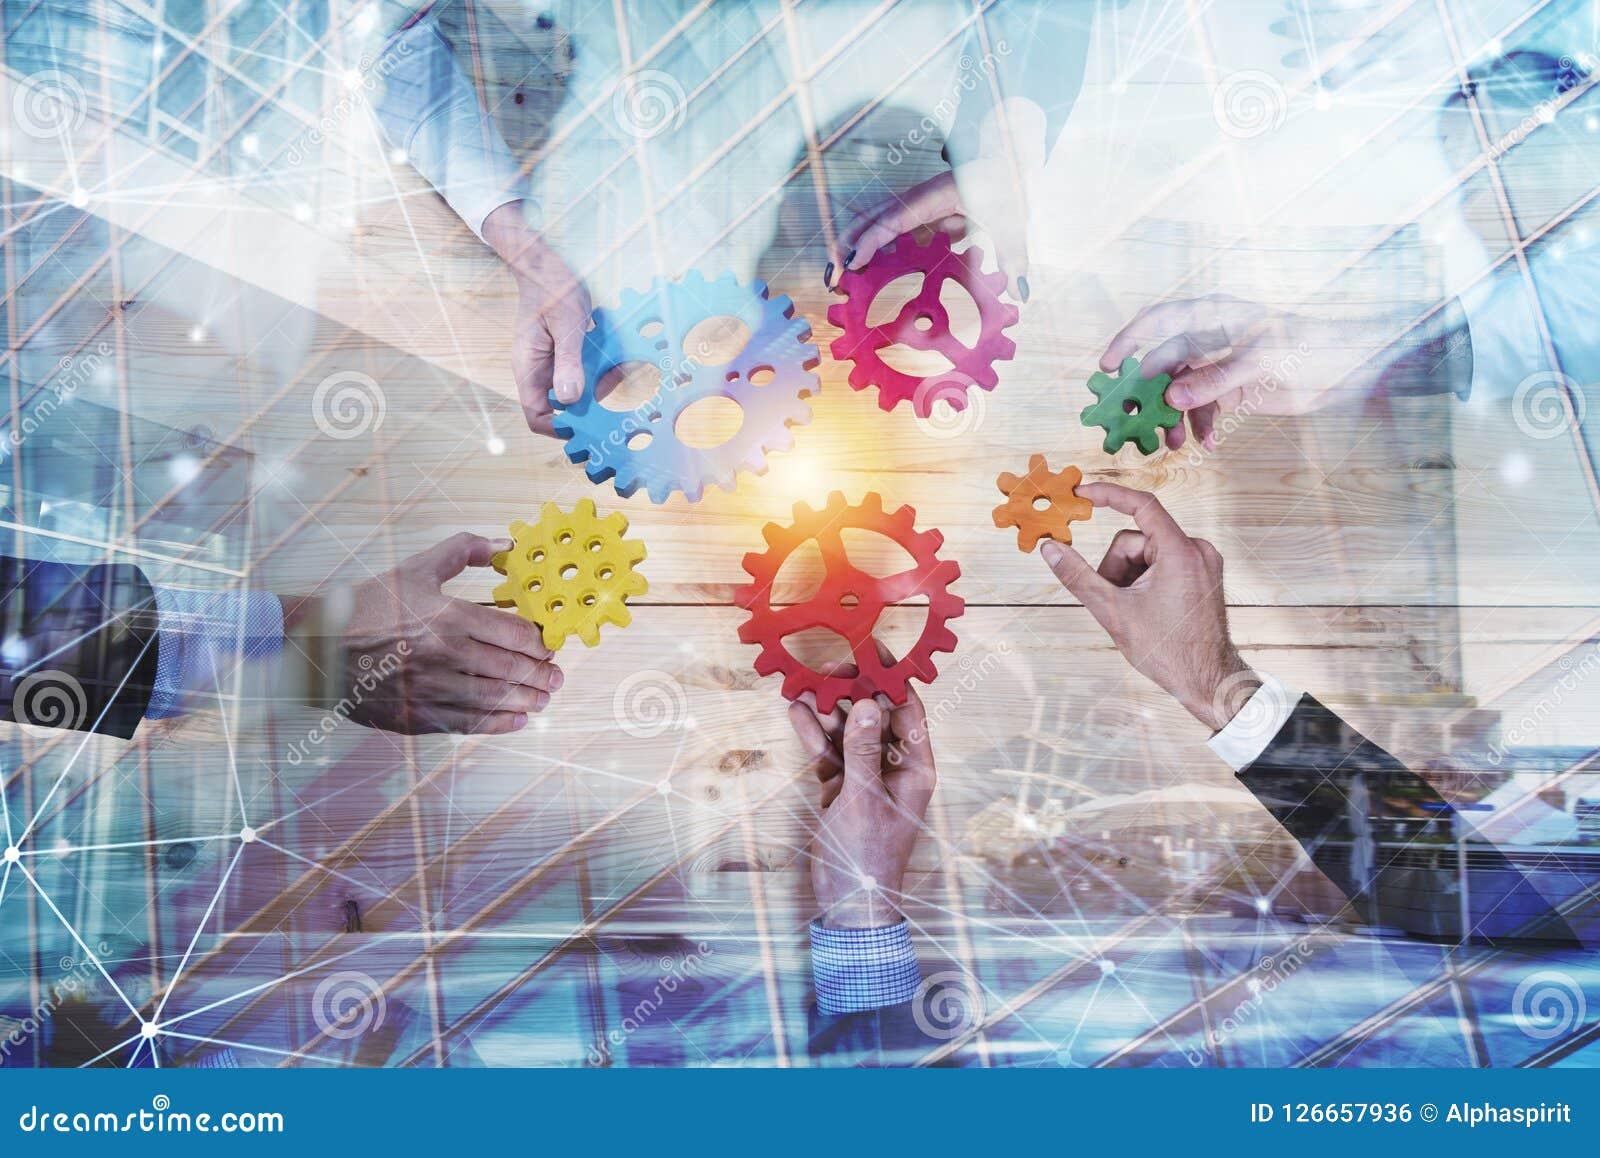 Affärslaget förbinder stycken av kugghjul Teamwork-, partnerskap- och integrationsbegrepp med nätverkseffekt double